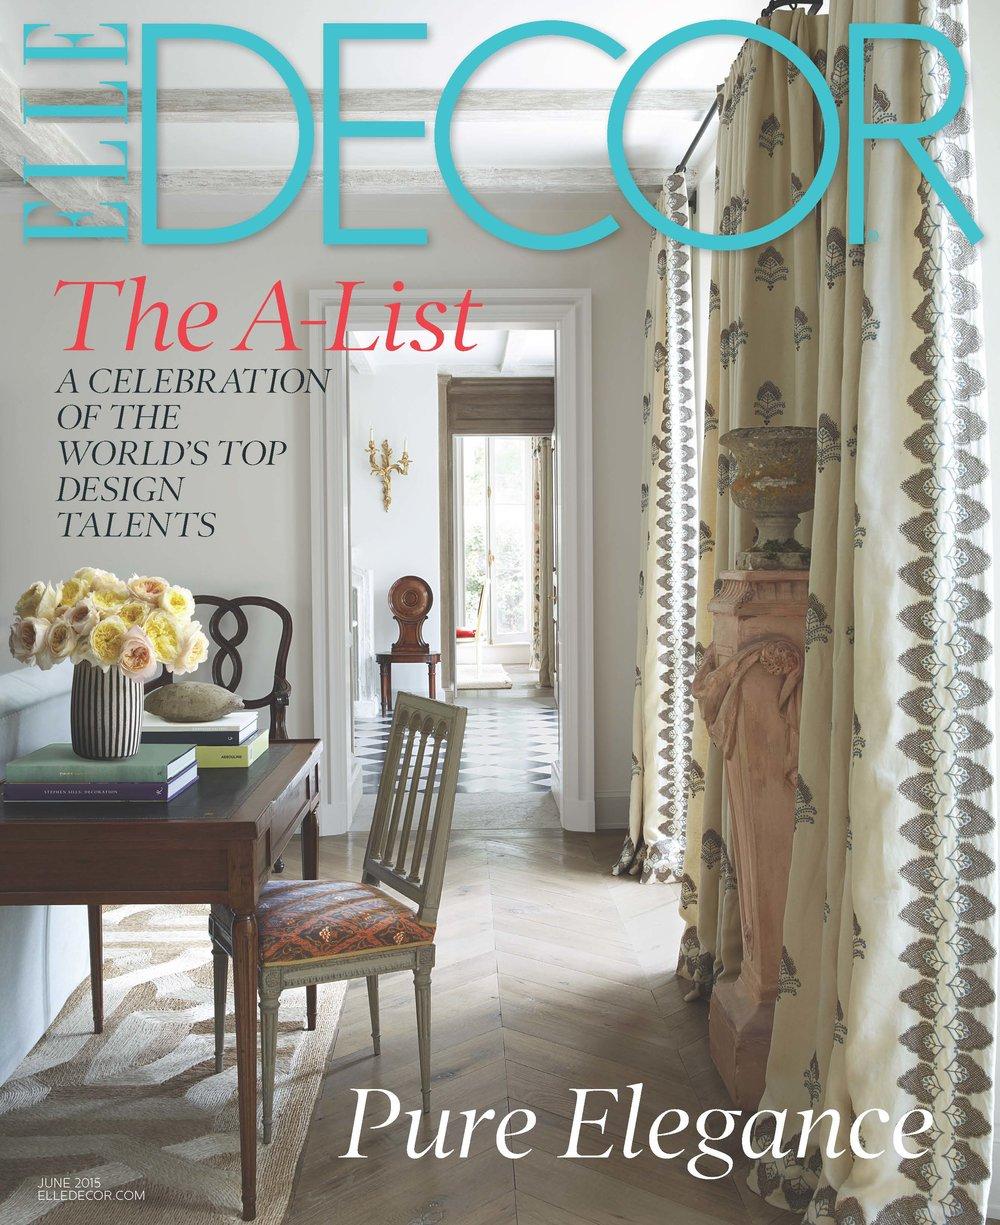 June-2015-ELLE-DECOR-cover.jpg